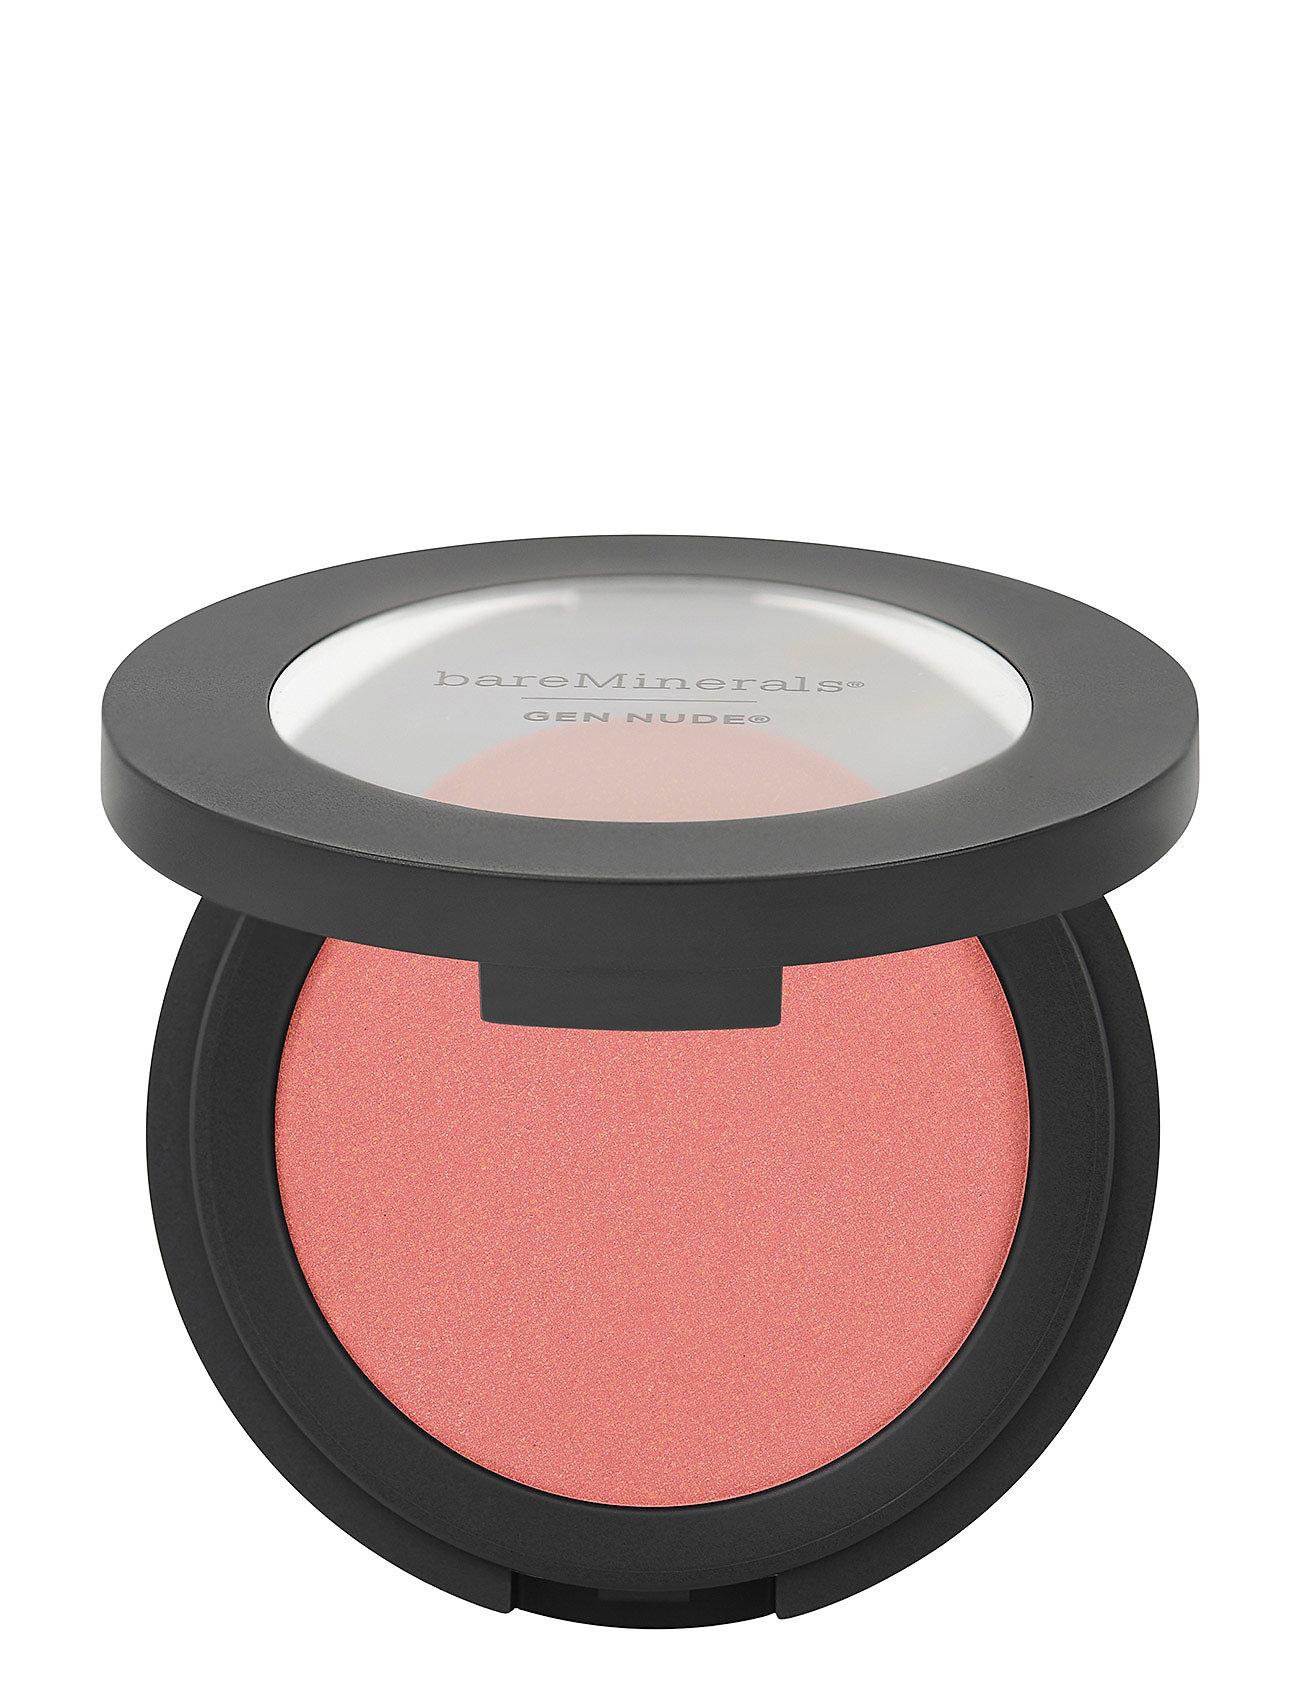 bareMinerals GEN NUDE Powder Blush - Pink Me Up 6g